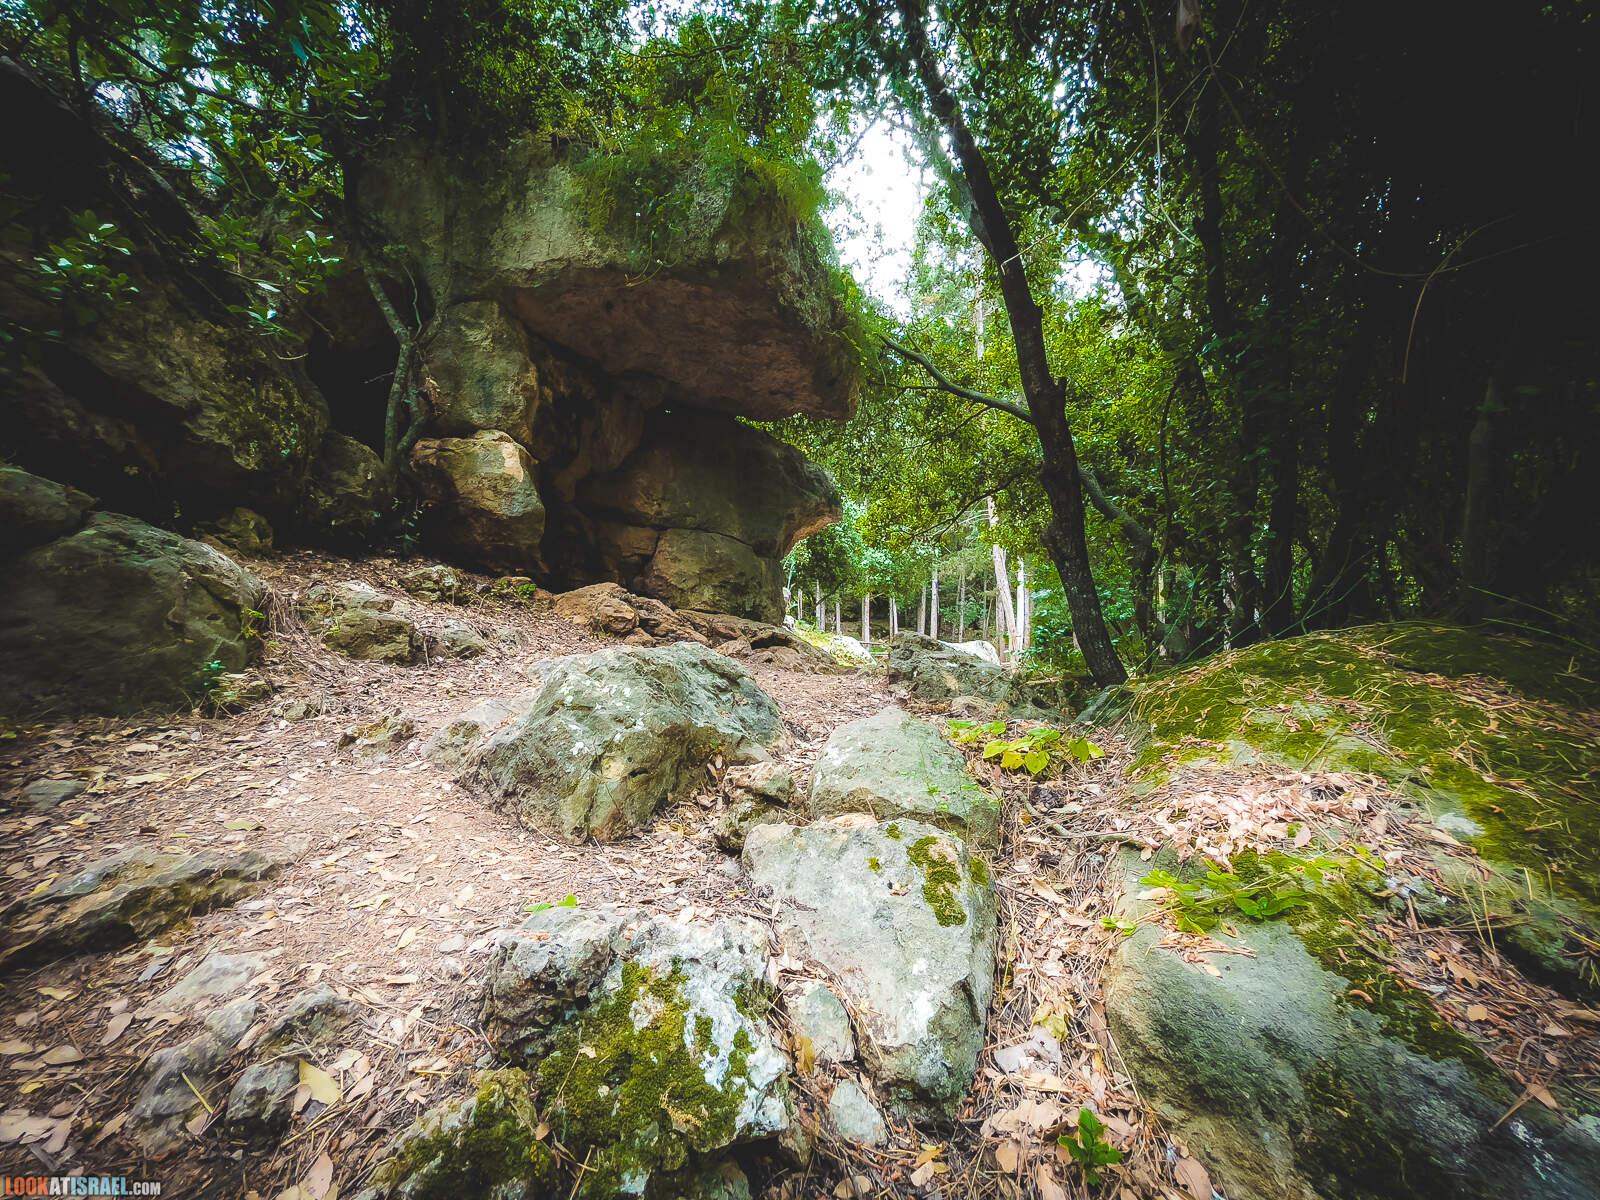 Таинственное сказочное место в лесу на горе Кармель   LookAtIsrael.com - Фото путешествия по Израилю